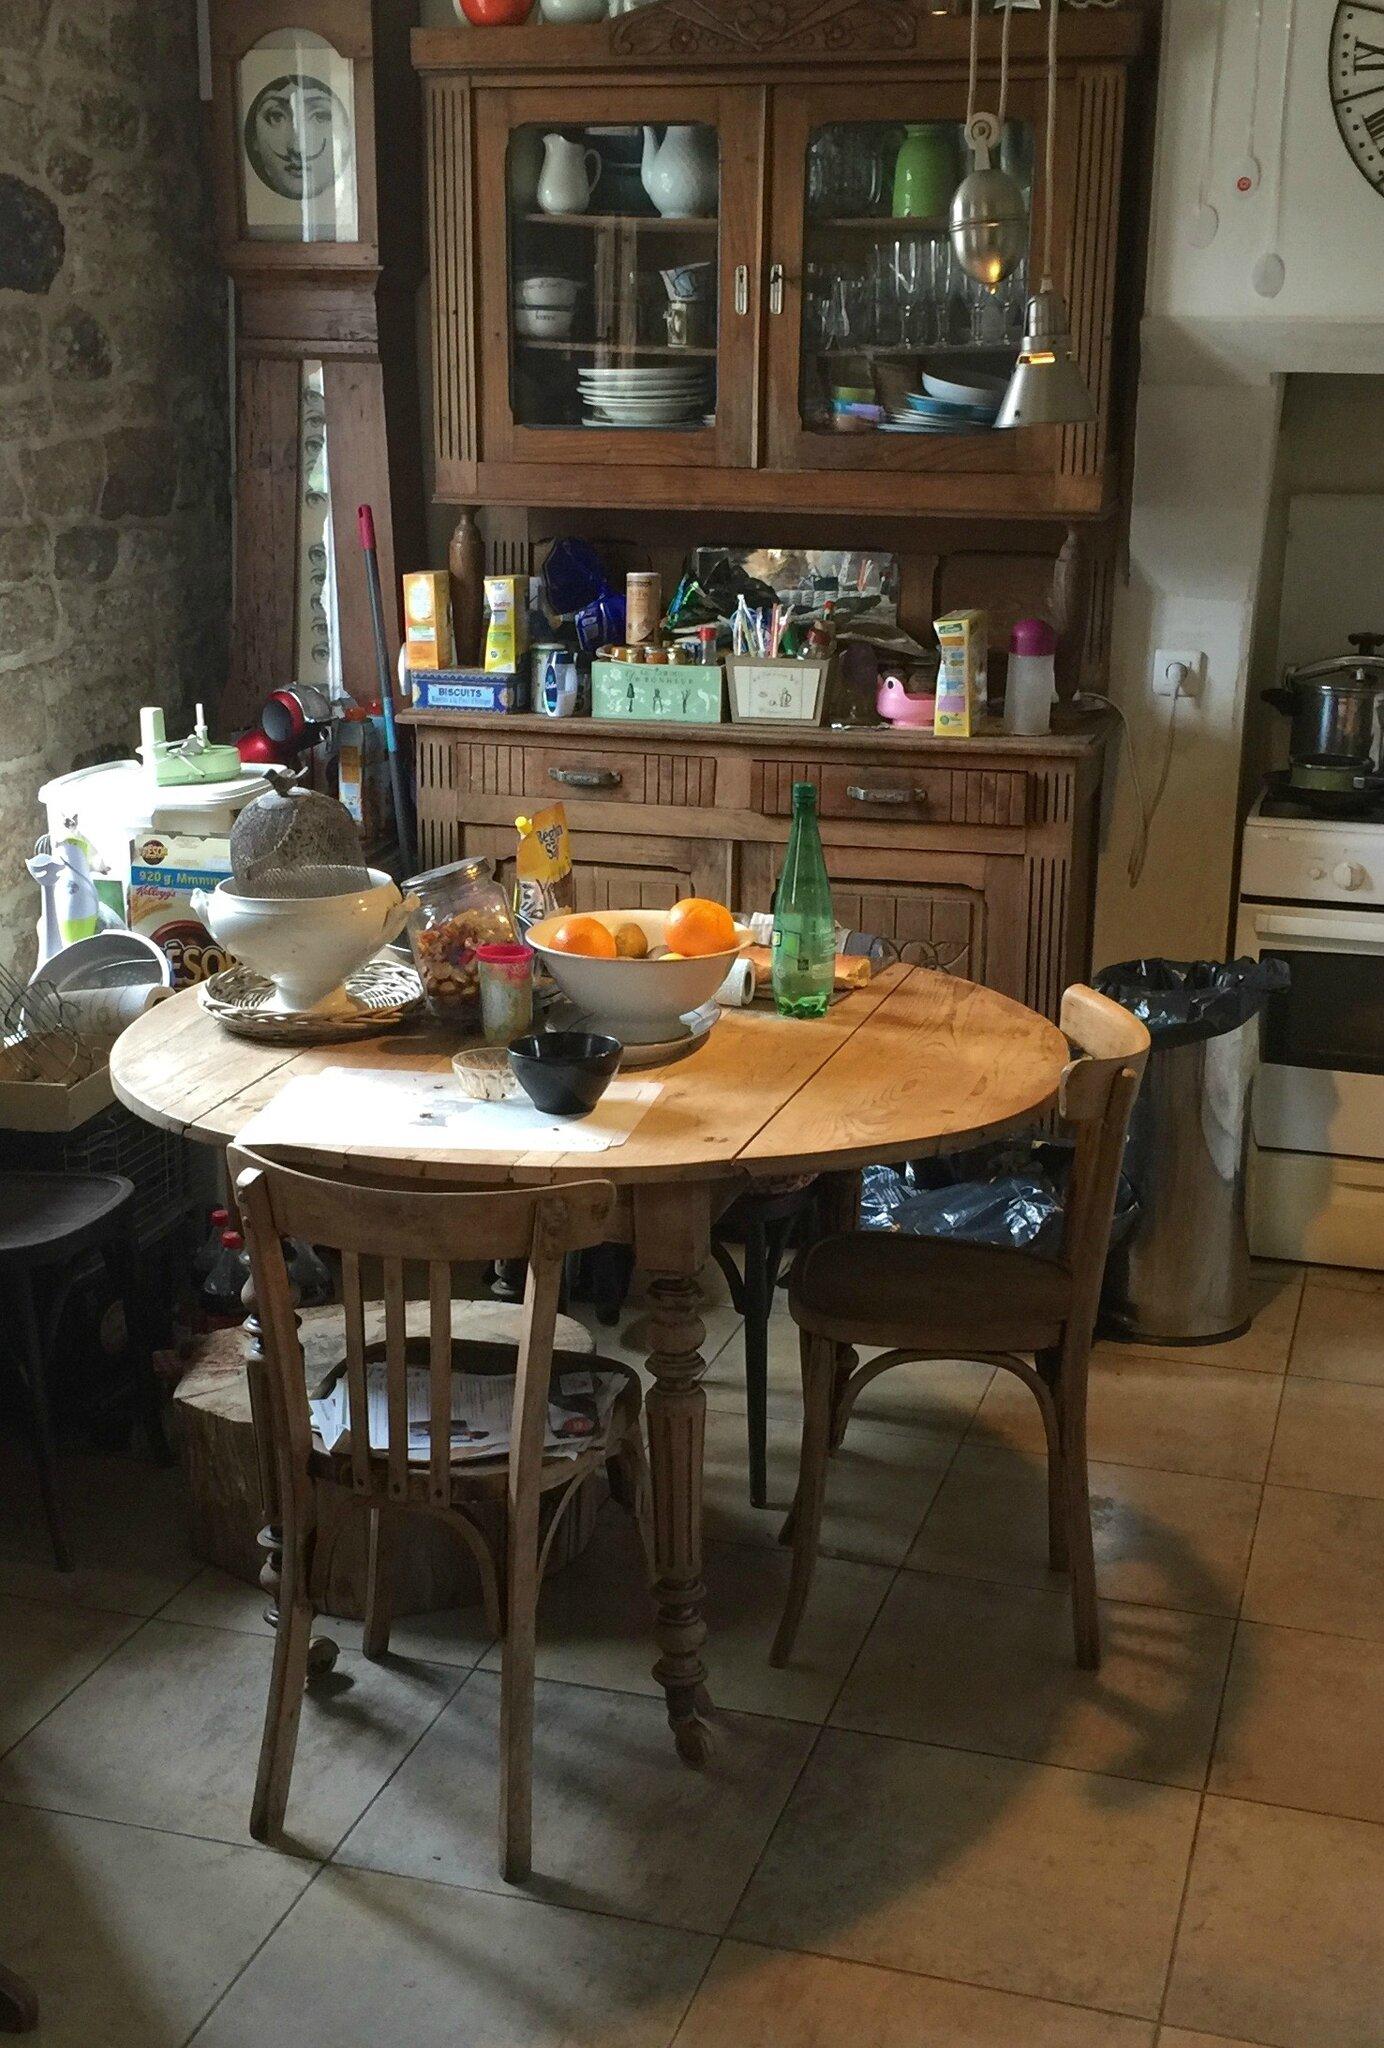 Une table desprit manufacture ou industriel avec des pieds de machine  coudre  Barbatruc et rcup